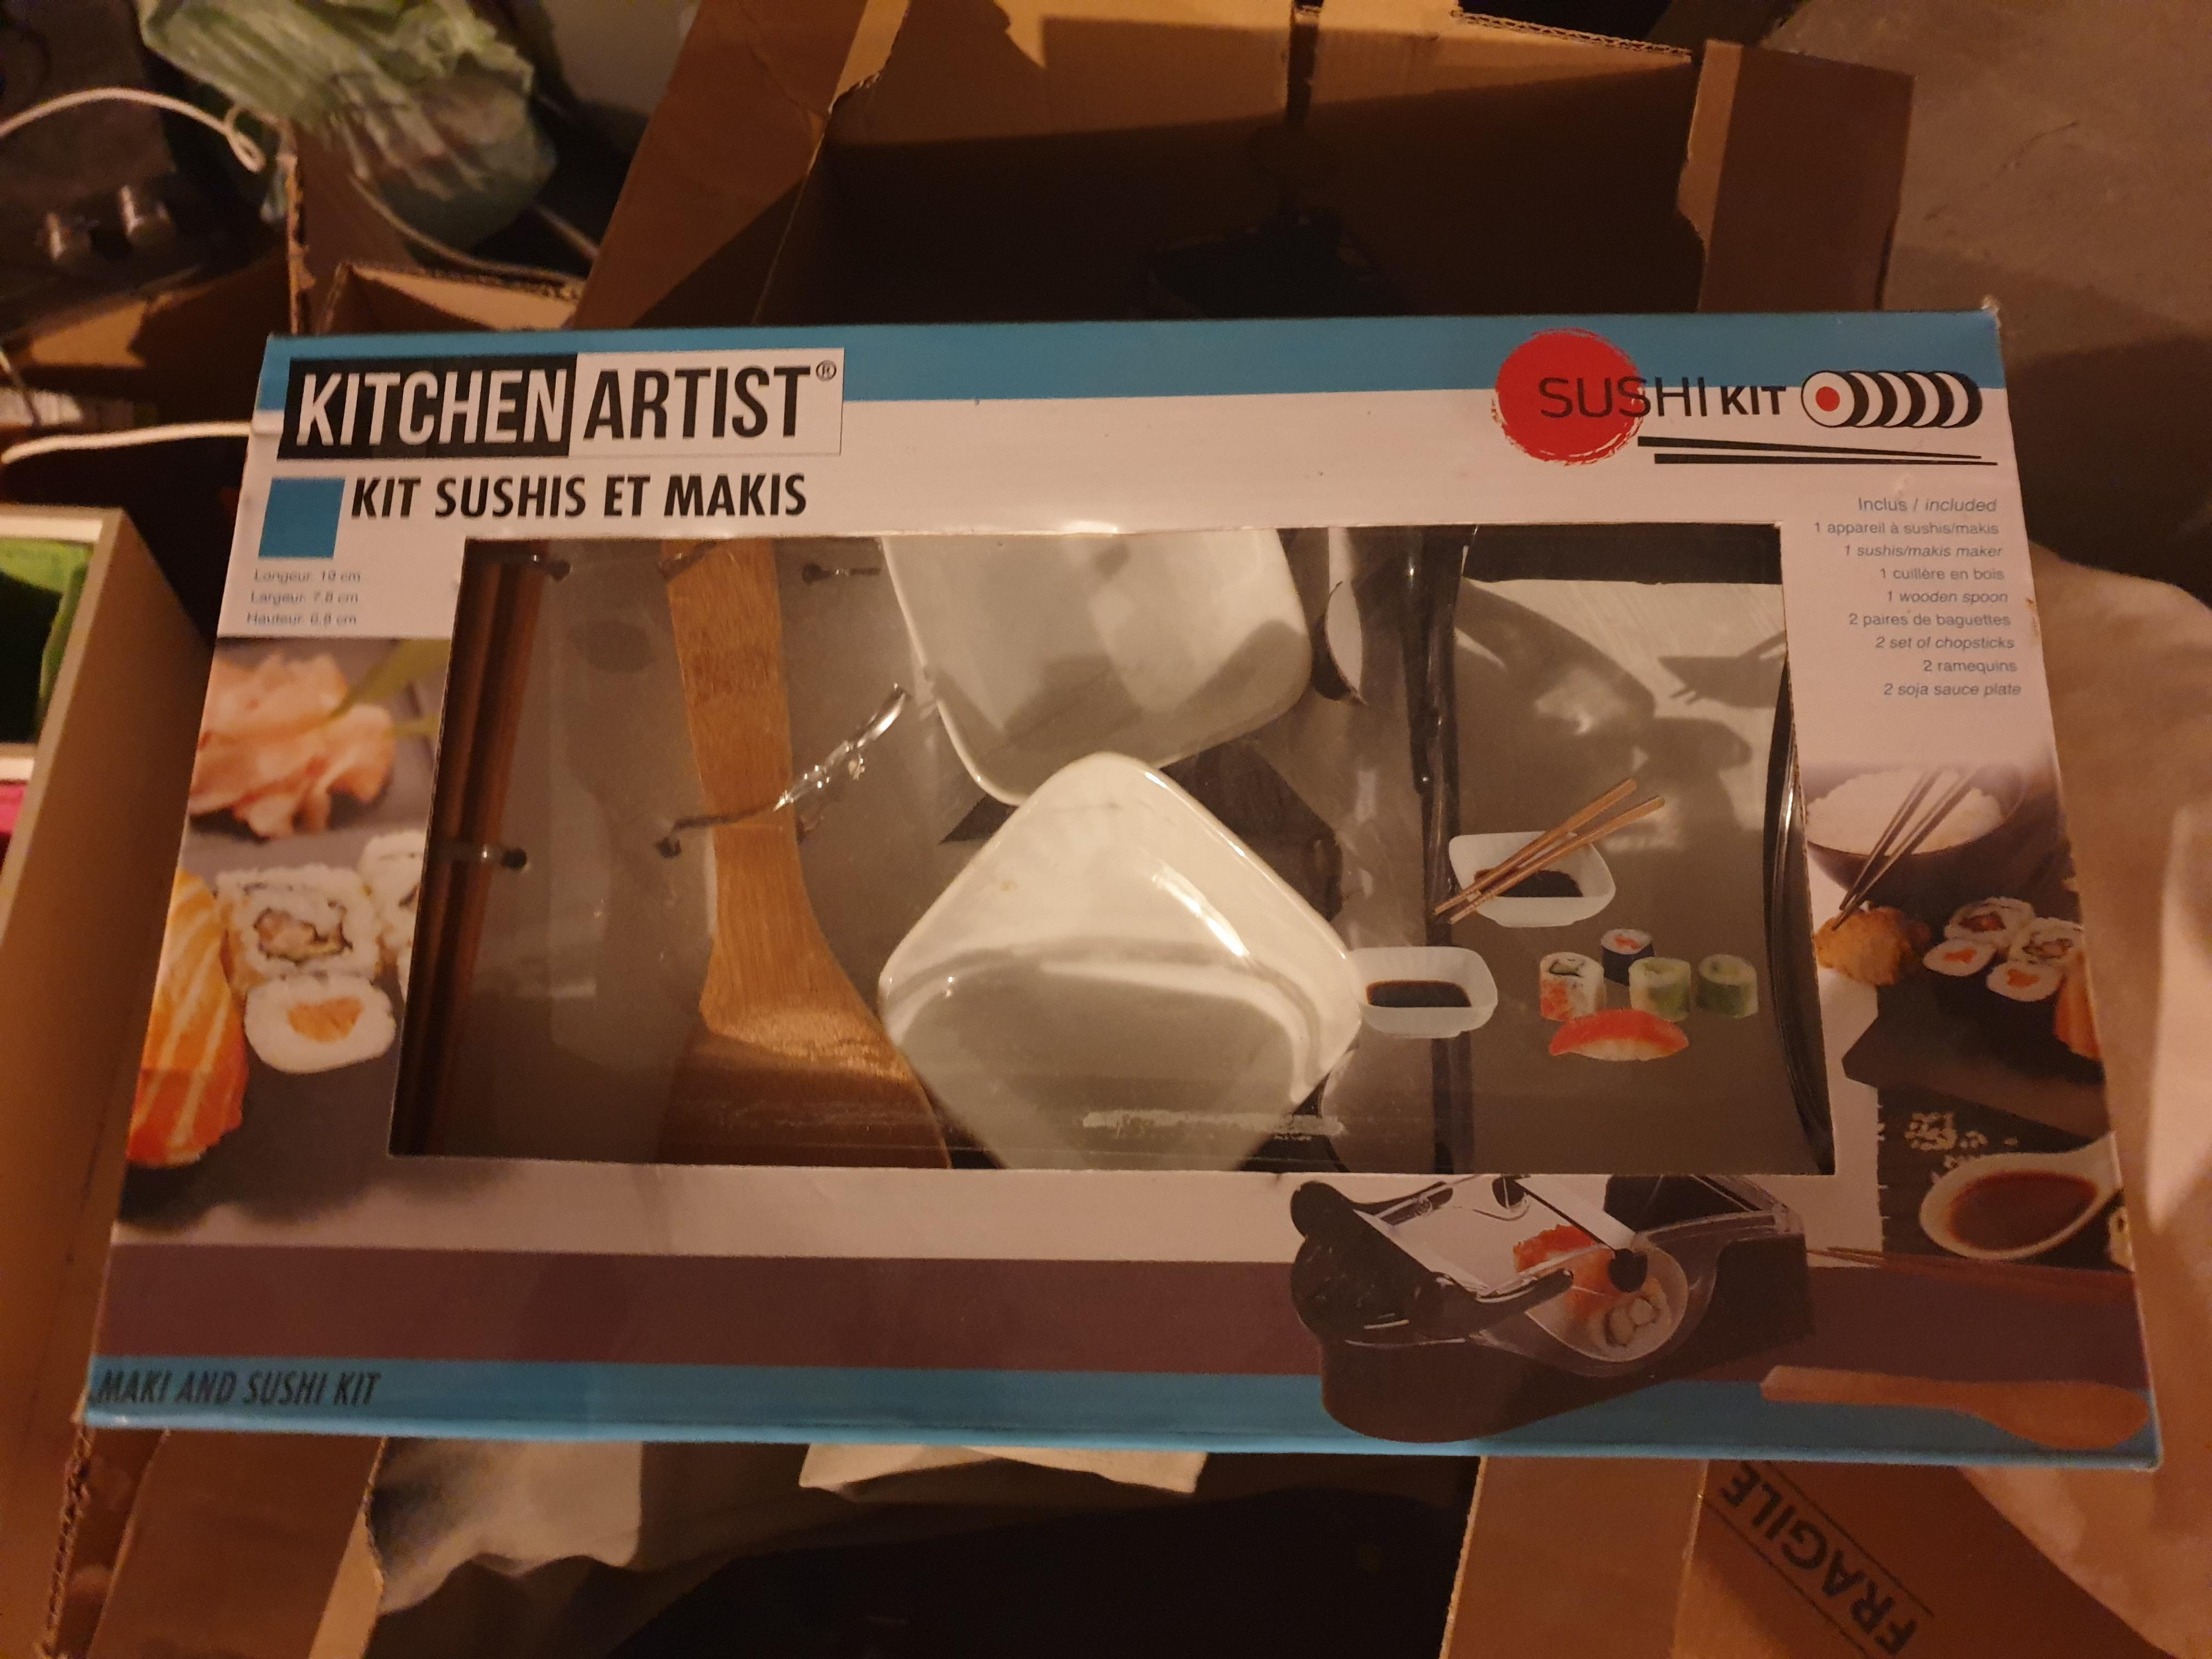 troc de troc kit pour sushis image 0